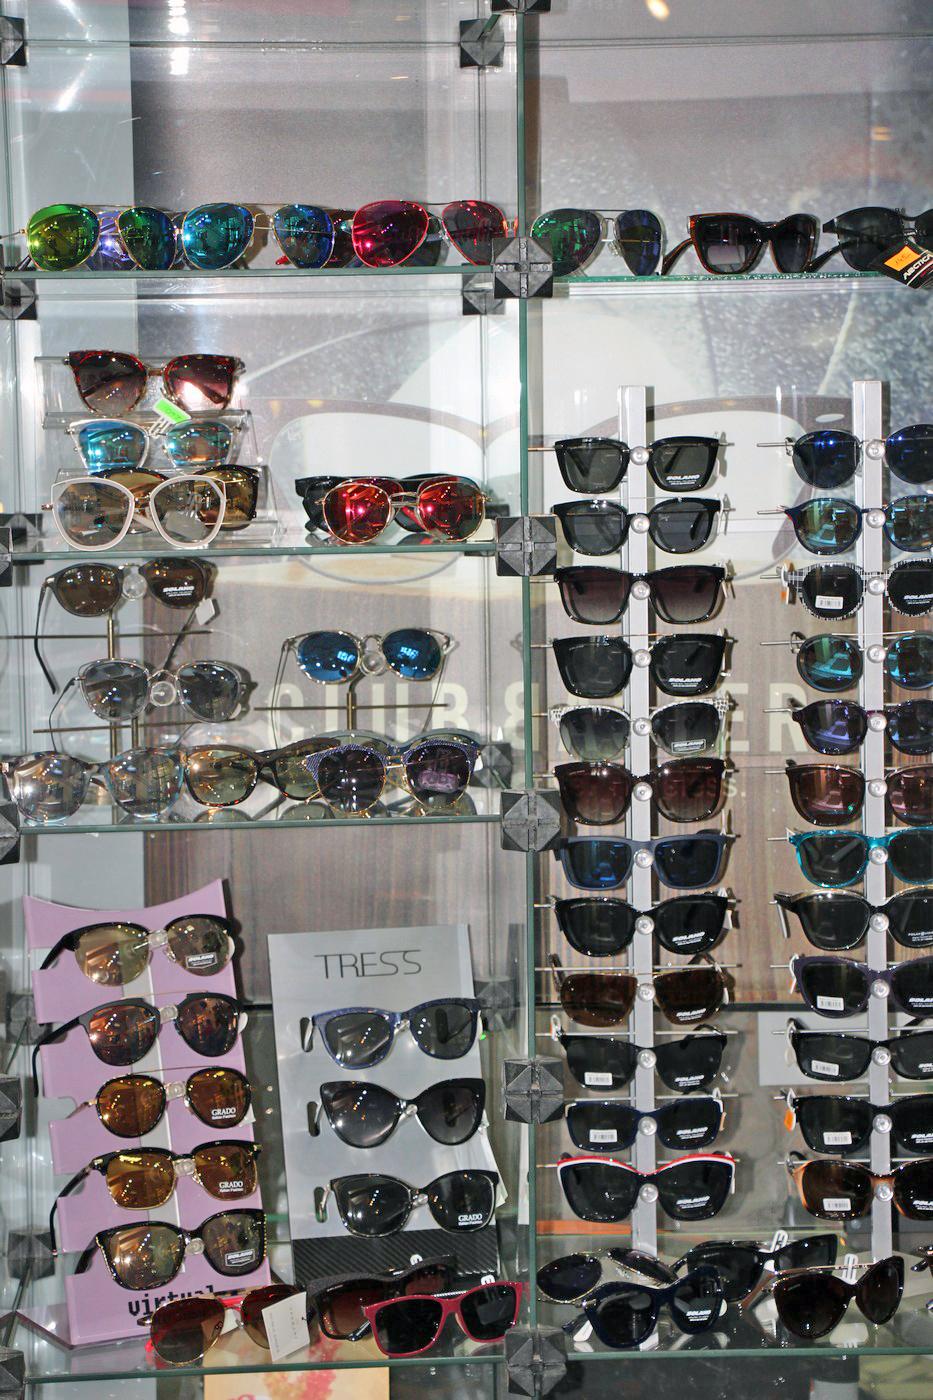 """8f96bb11d829c6 Sklep """"Foto Optyka"""" jako jedyny w Przemyślu ma w swojej ofercie okulary  znanej projektantki mody Evy Minge. Ich wzornictwo jest wyjątkowo kobiece i  odważne, ..."""